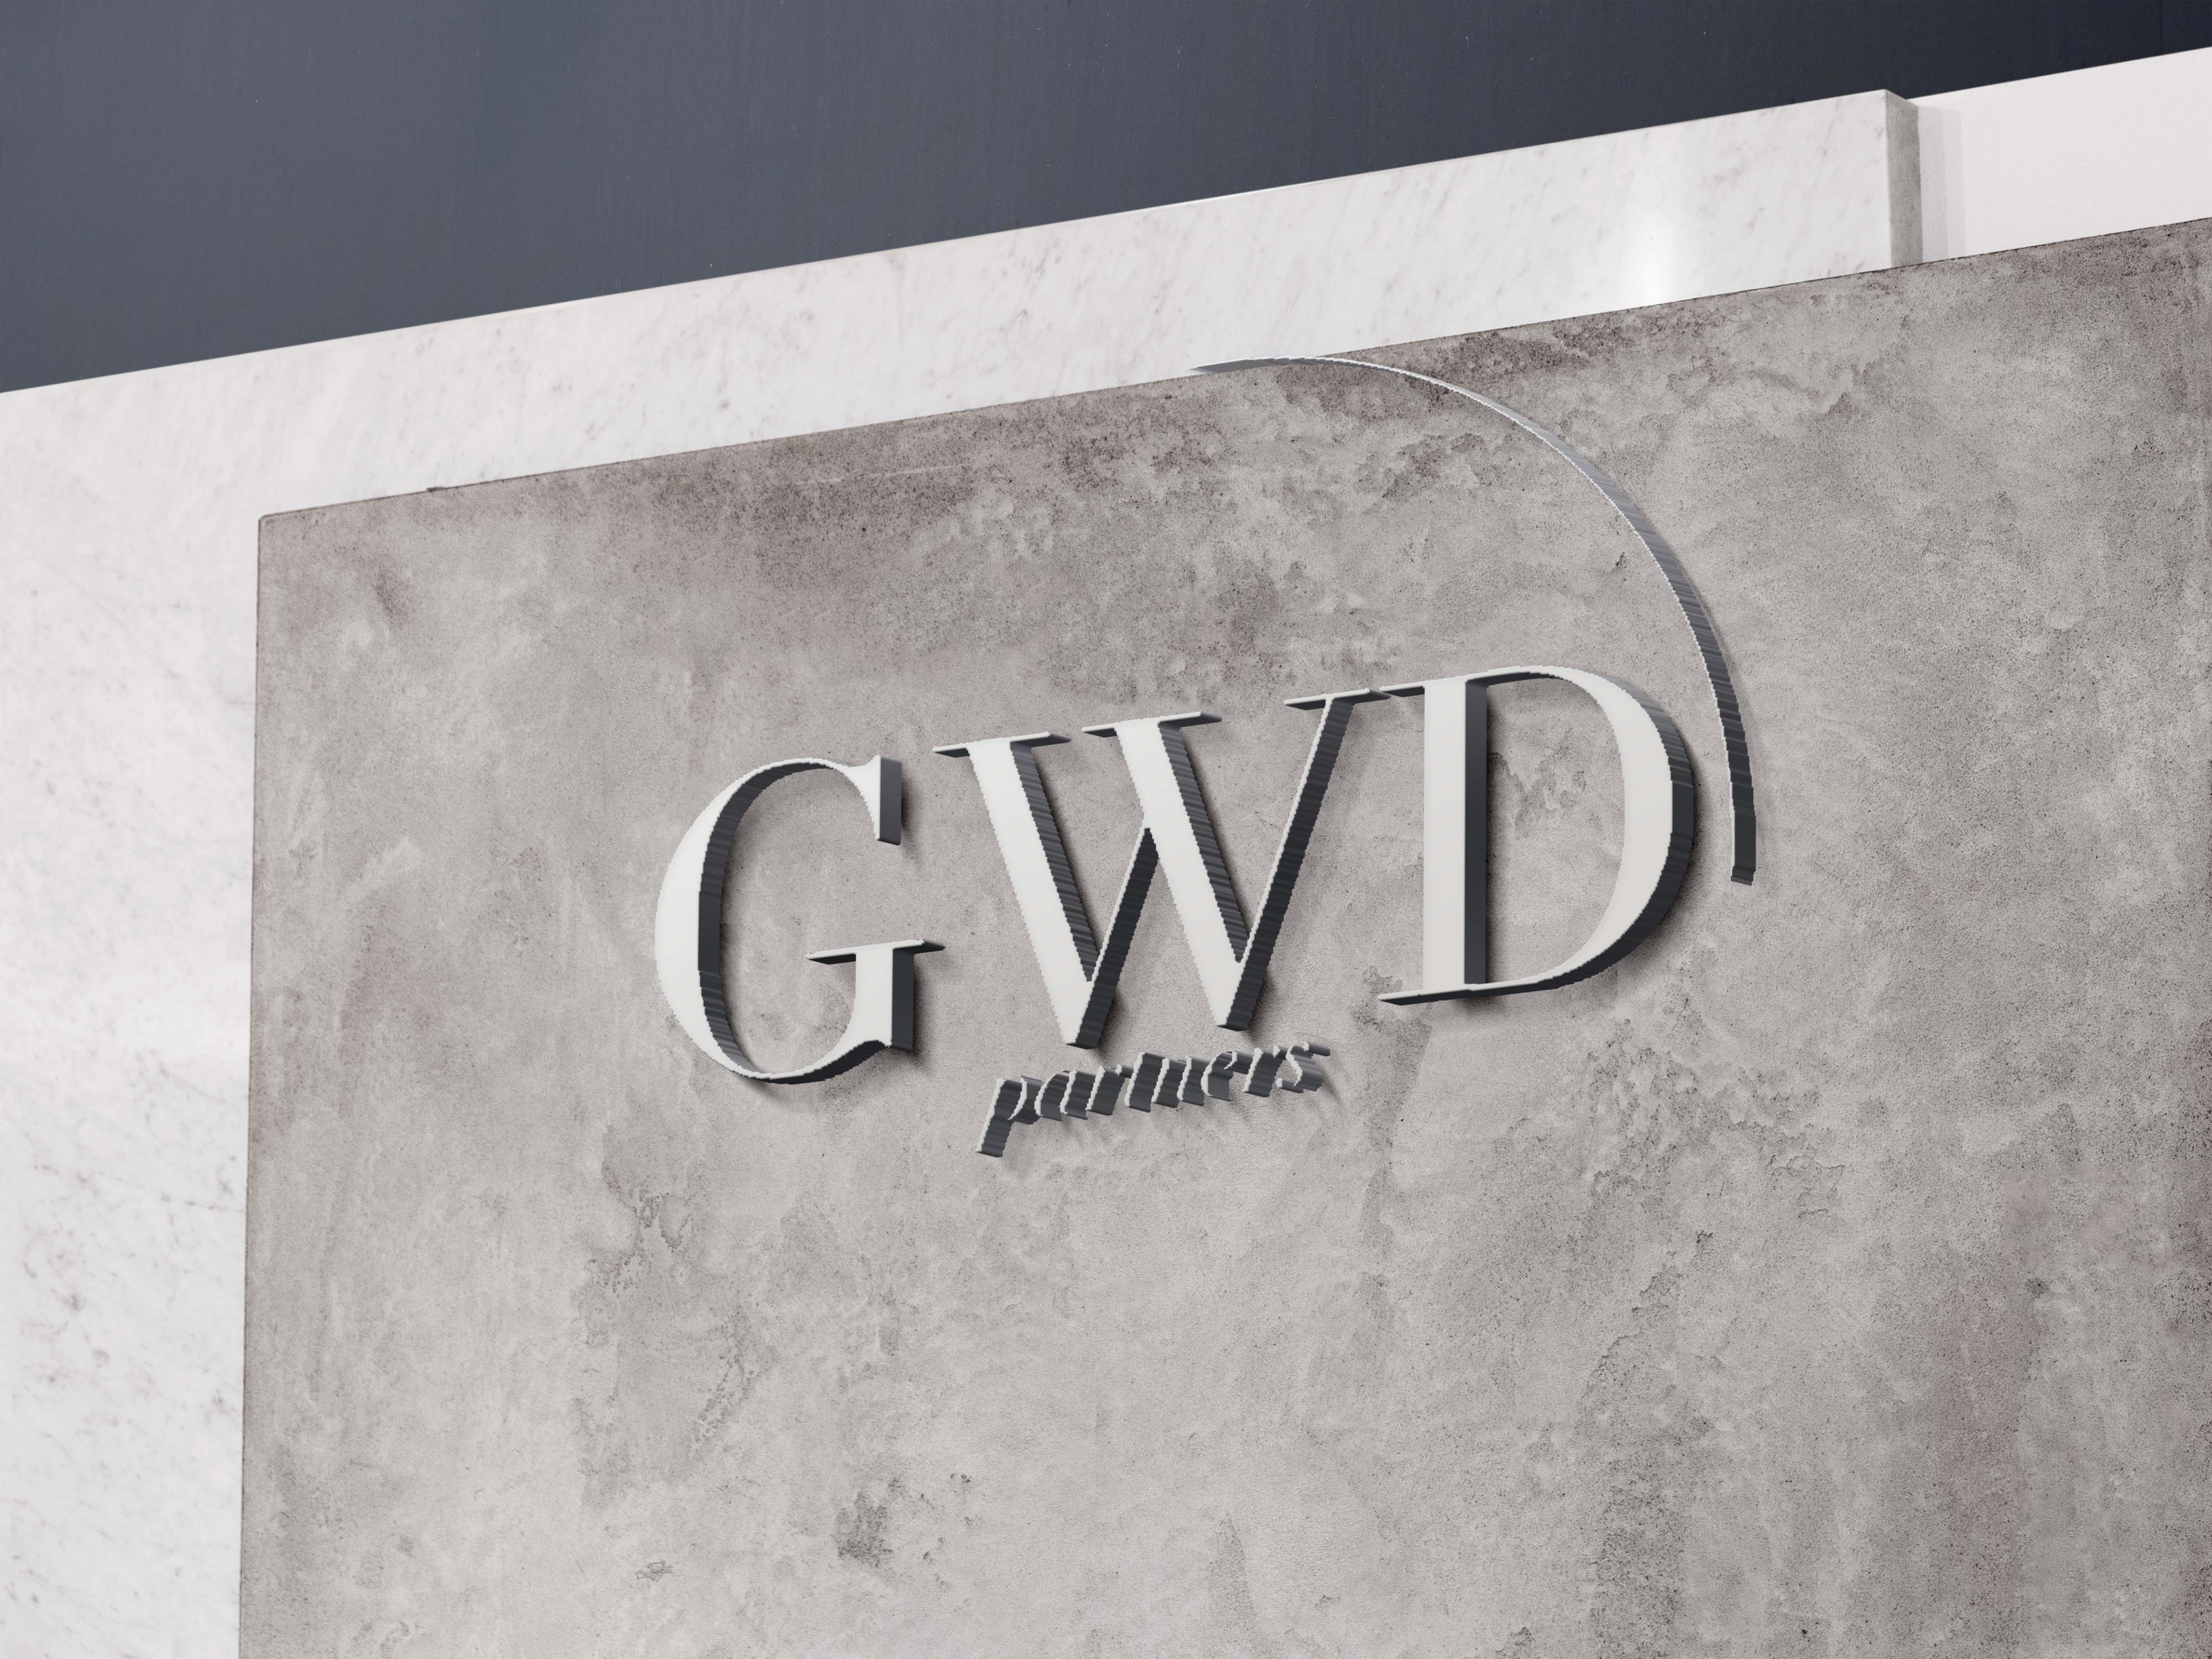 logo-gwd